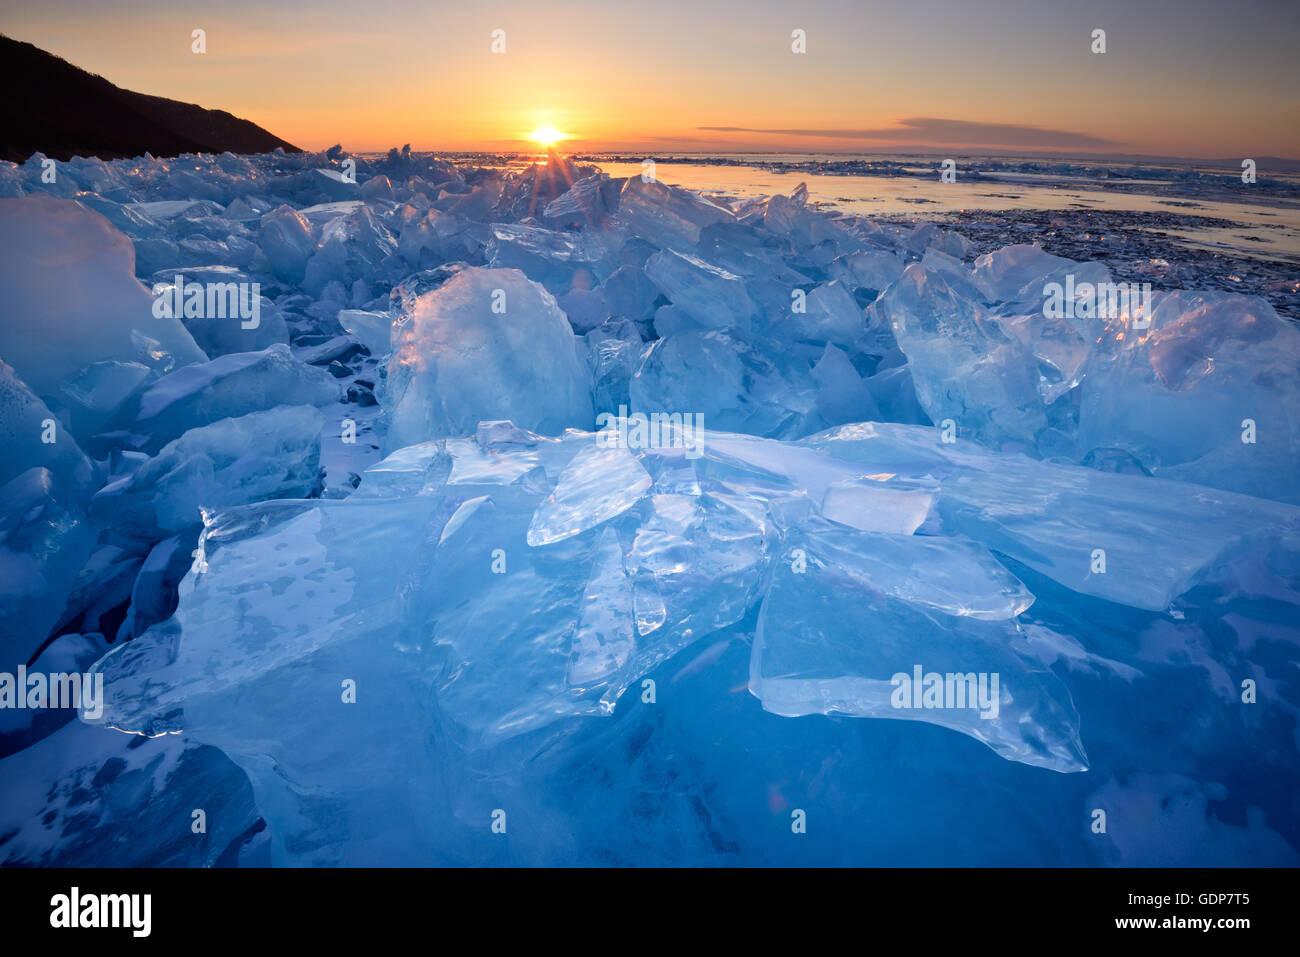 Apiladas de hielo roto al atardecer, el lago Baikal, Isla Olkhon, Siberia, Rusia Imagen De Stock